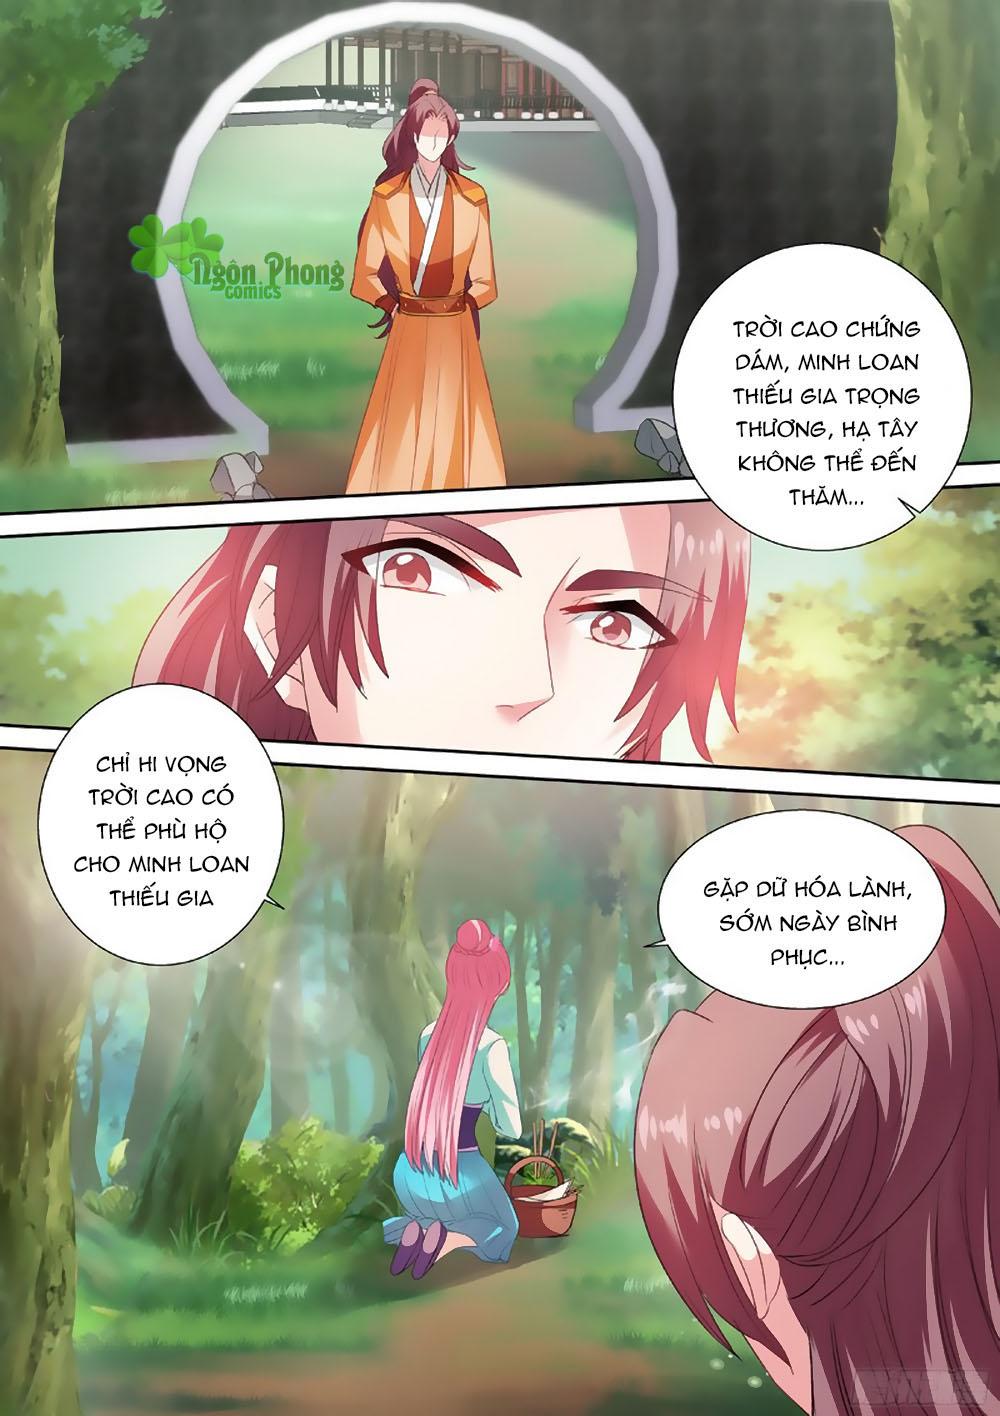 Hệ Thống Chế Tạo Nữ Thần chap 39 - Trang 8